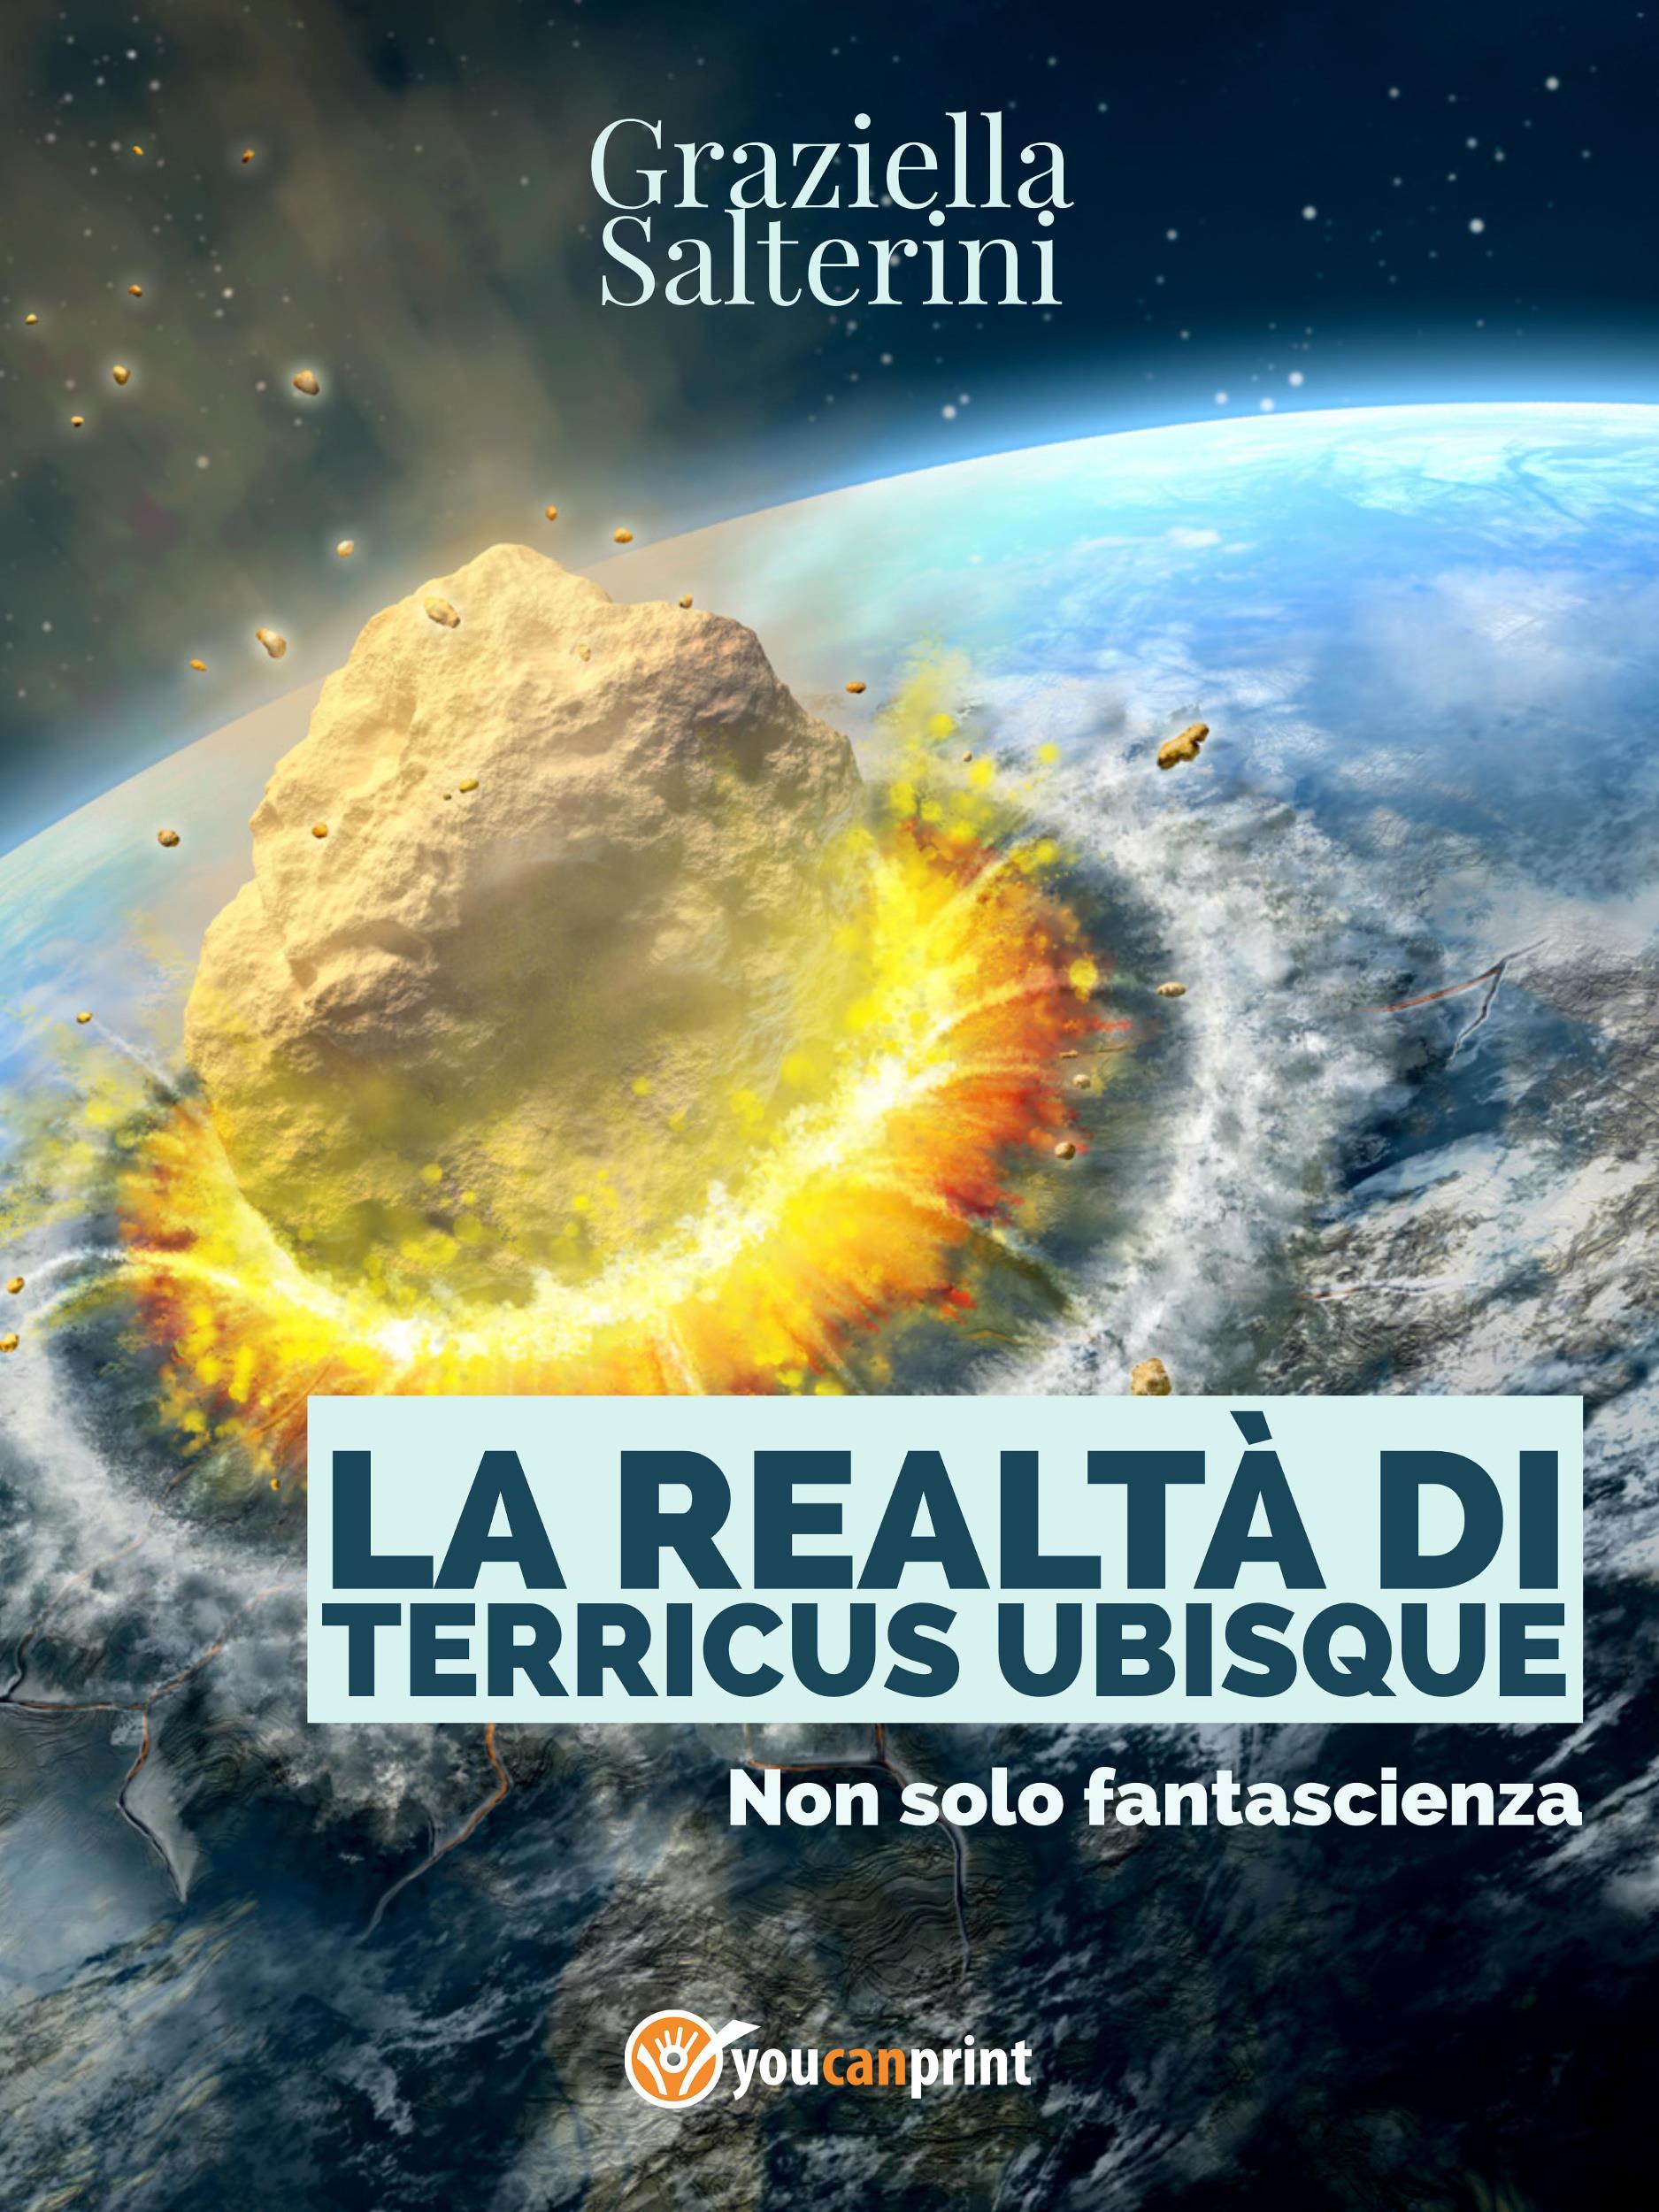 La realtà di TERRICUS UBISQUE